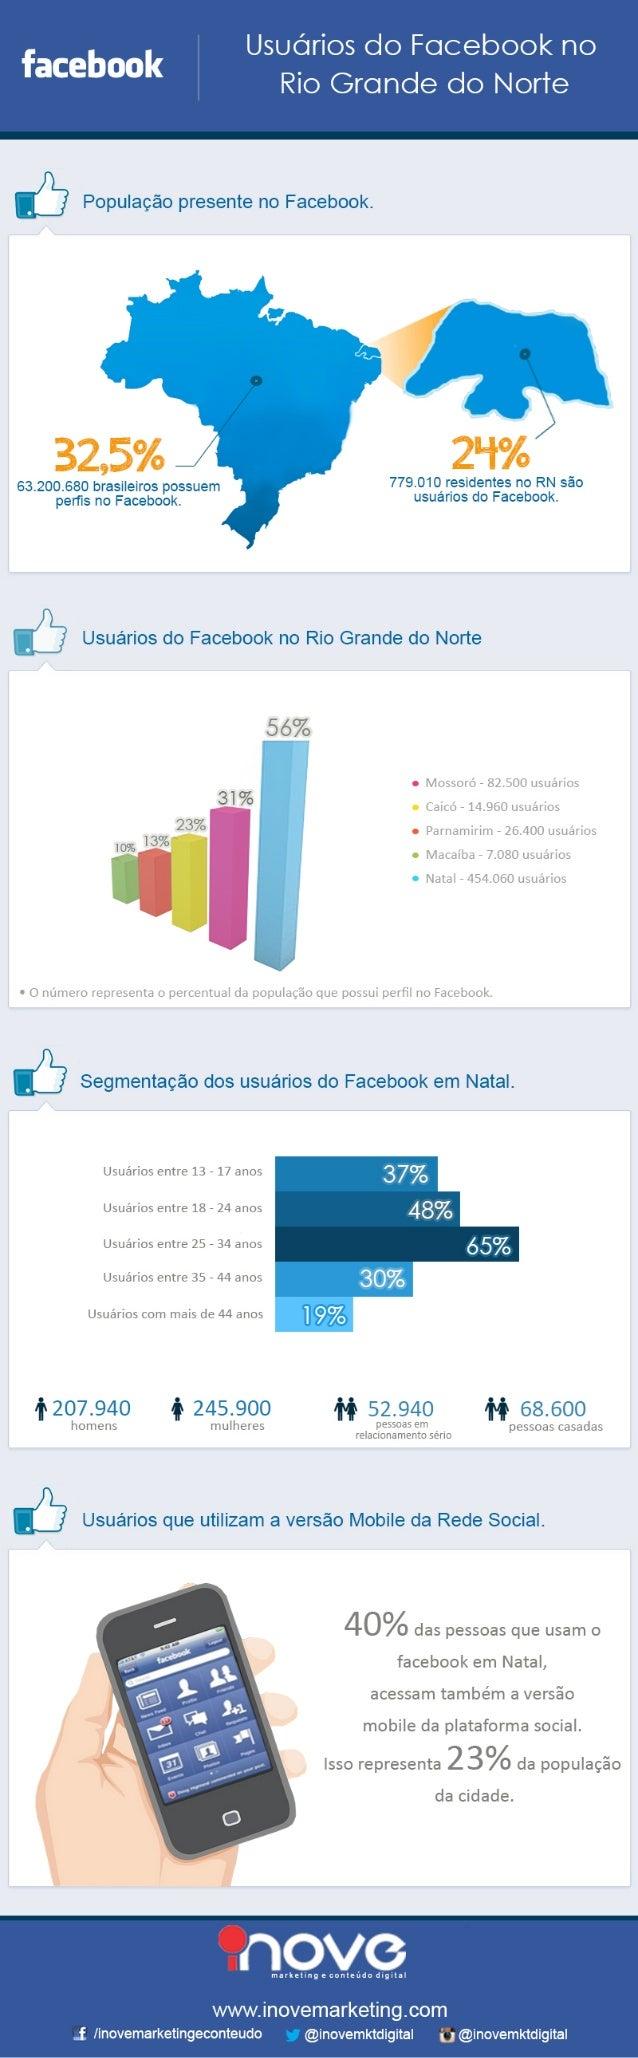 Infográfico sobre a população do RN no Facebook (Dez/12)